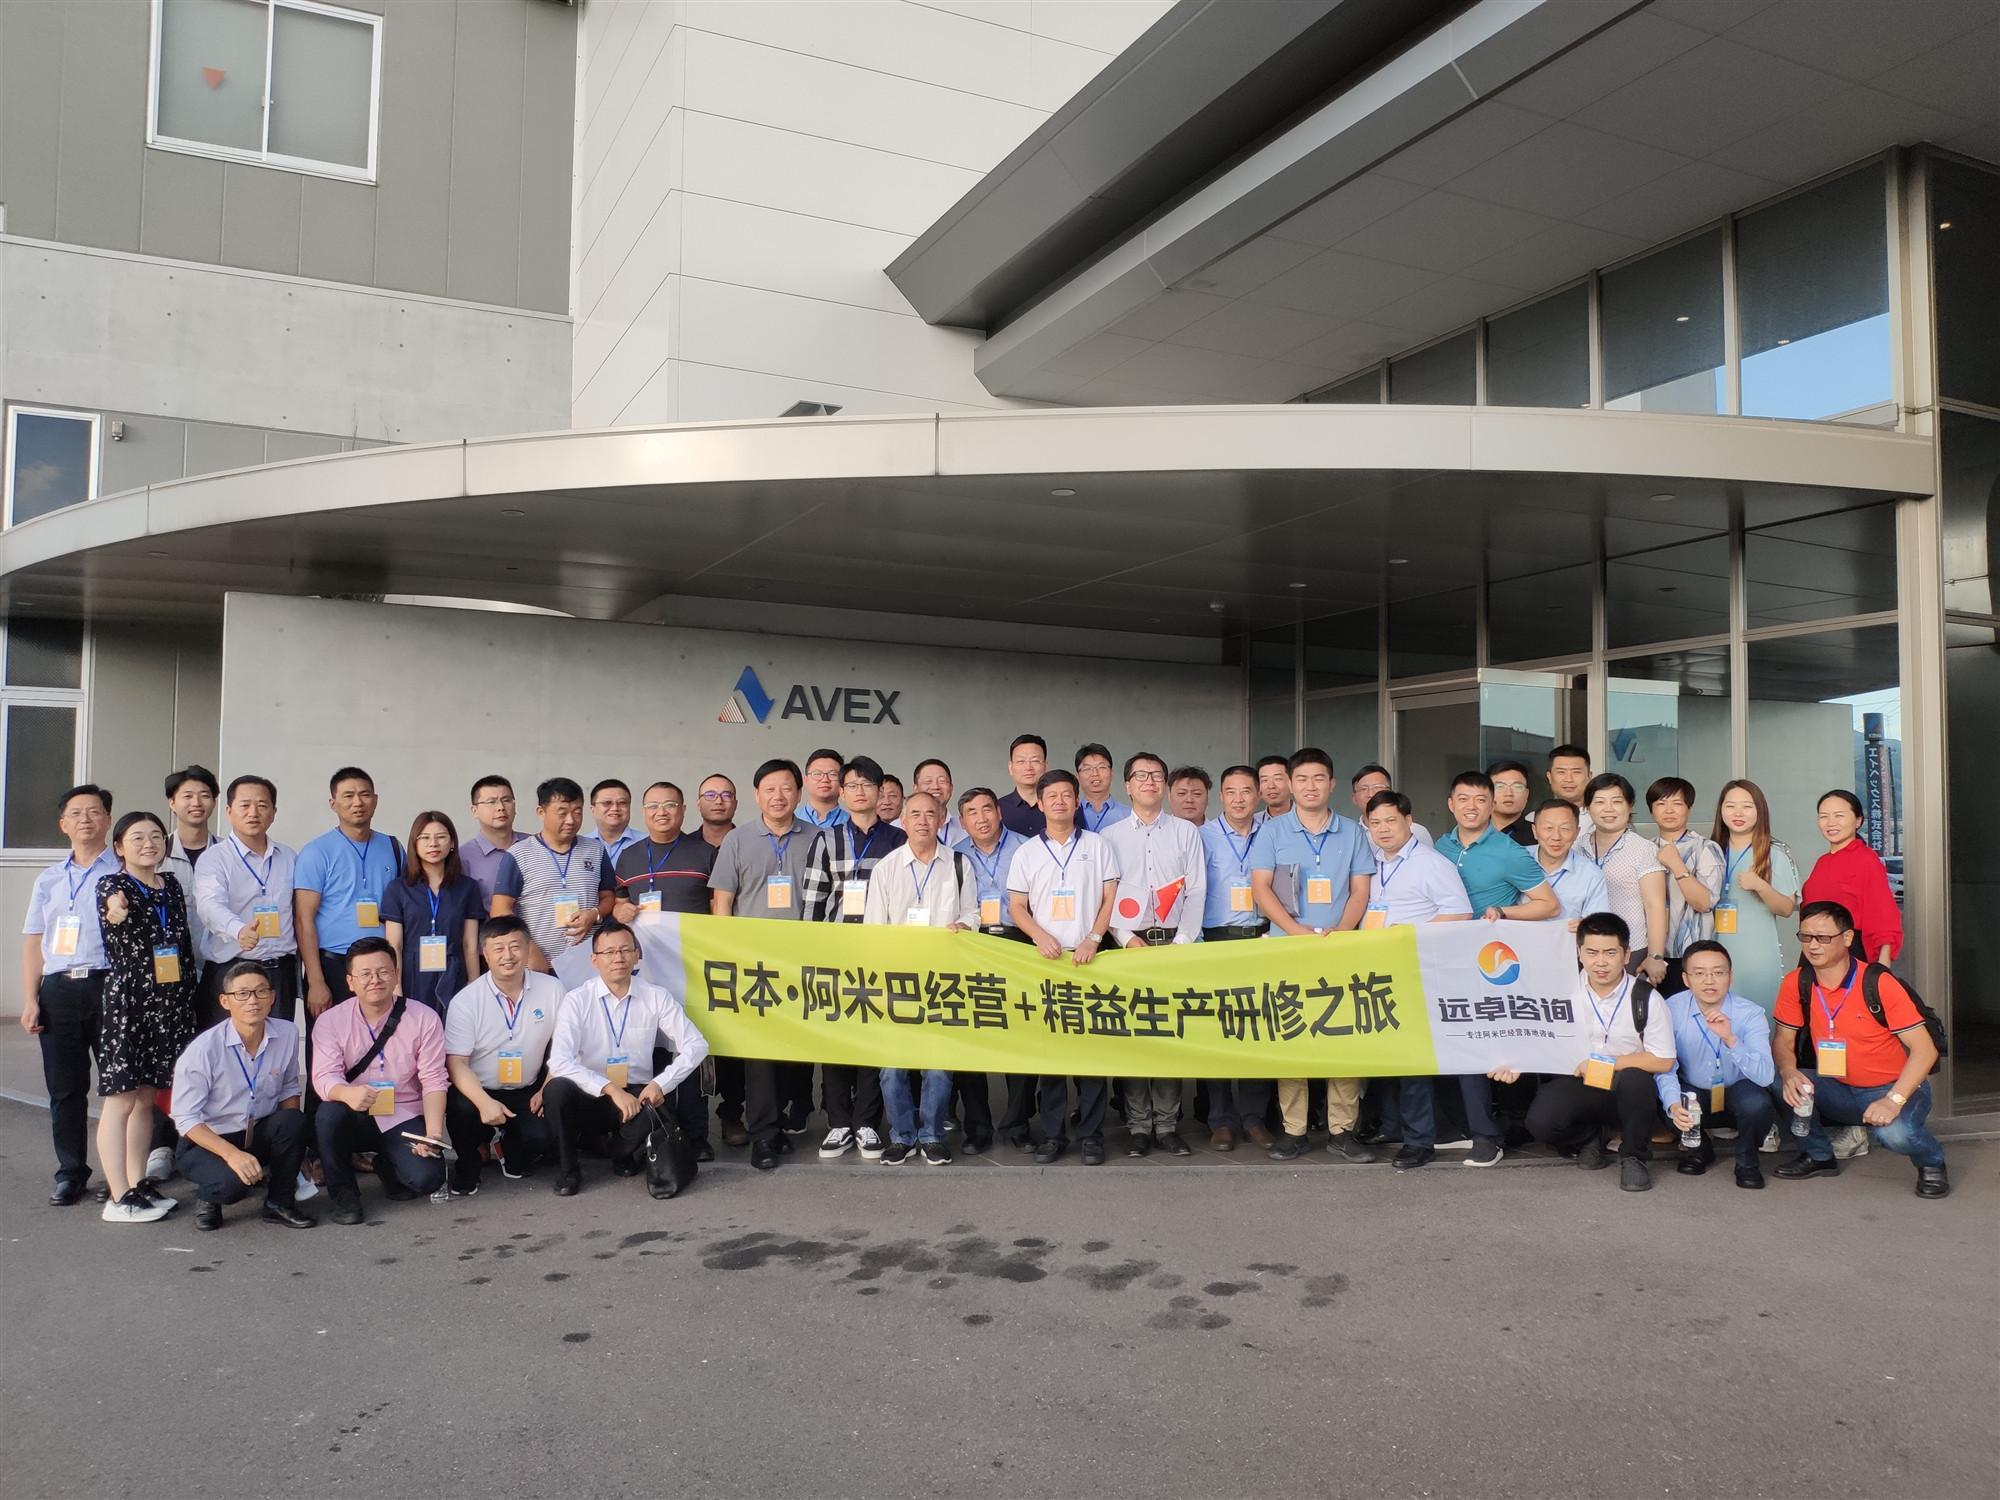 第11期:日本阿米巴经营+精益生产研修之旅精彩回顾